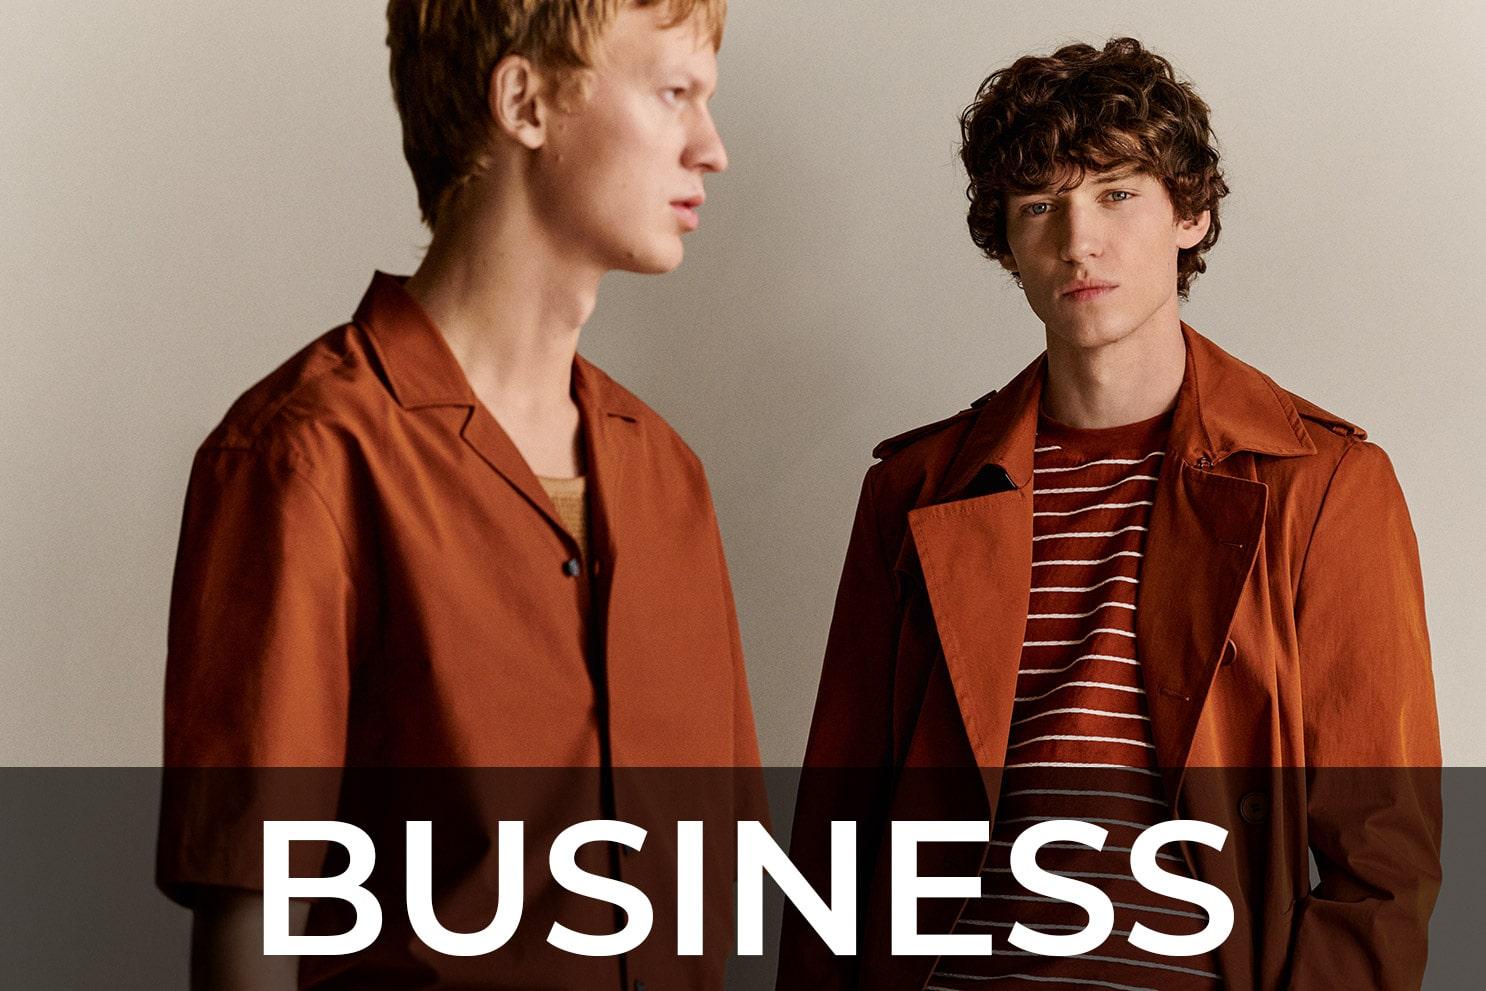 HUGO BOSS BUSINESS 1A